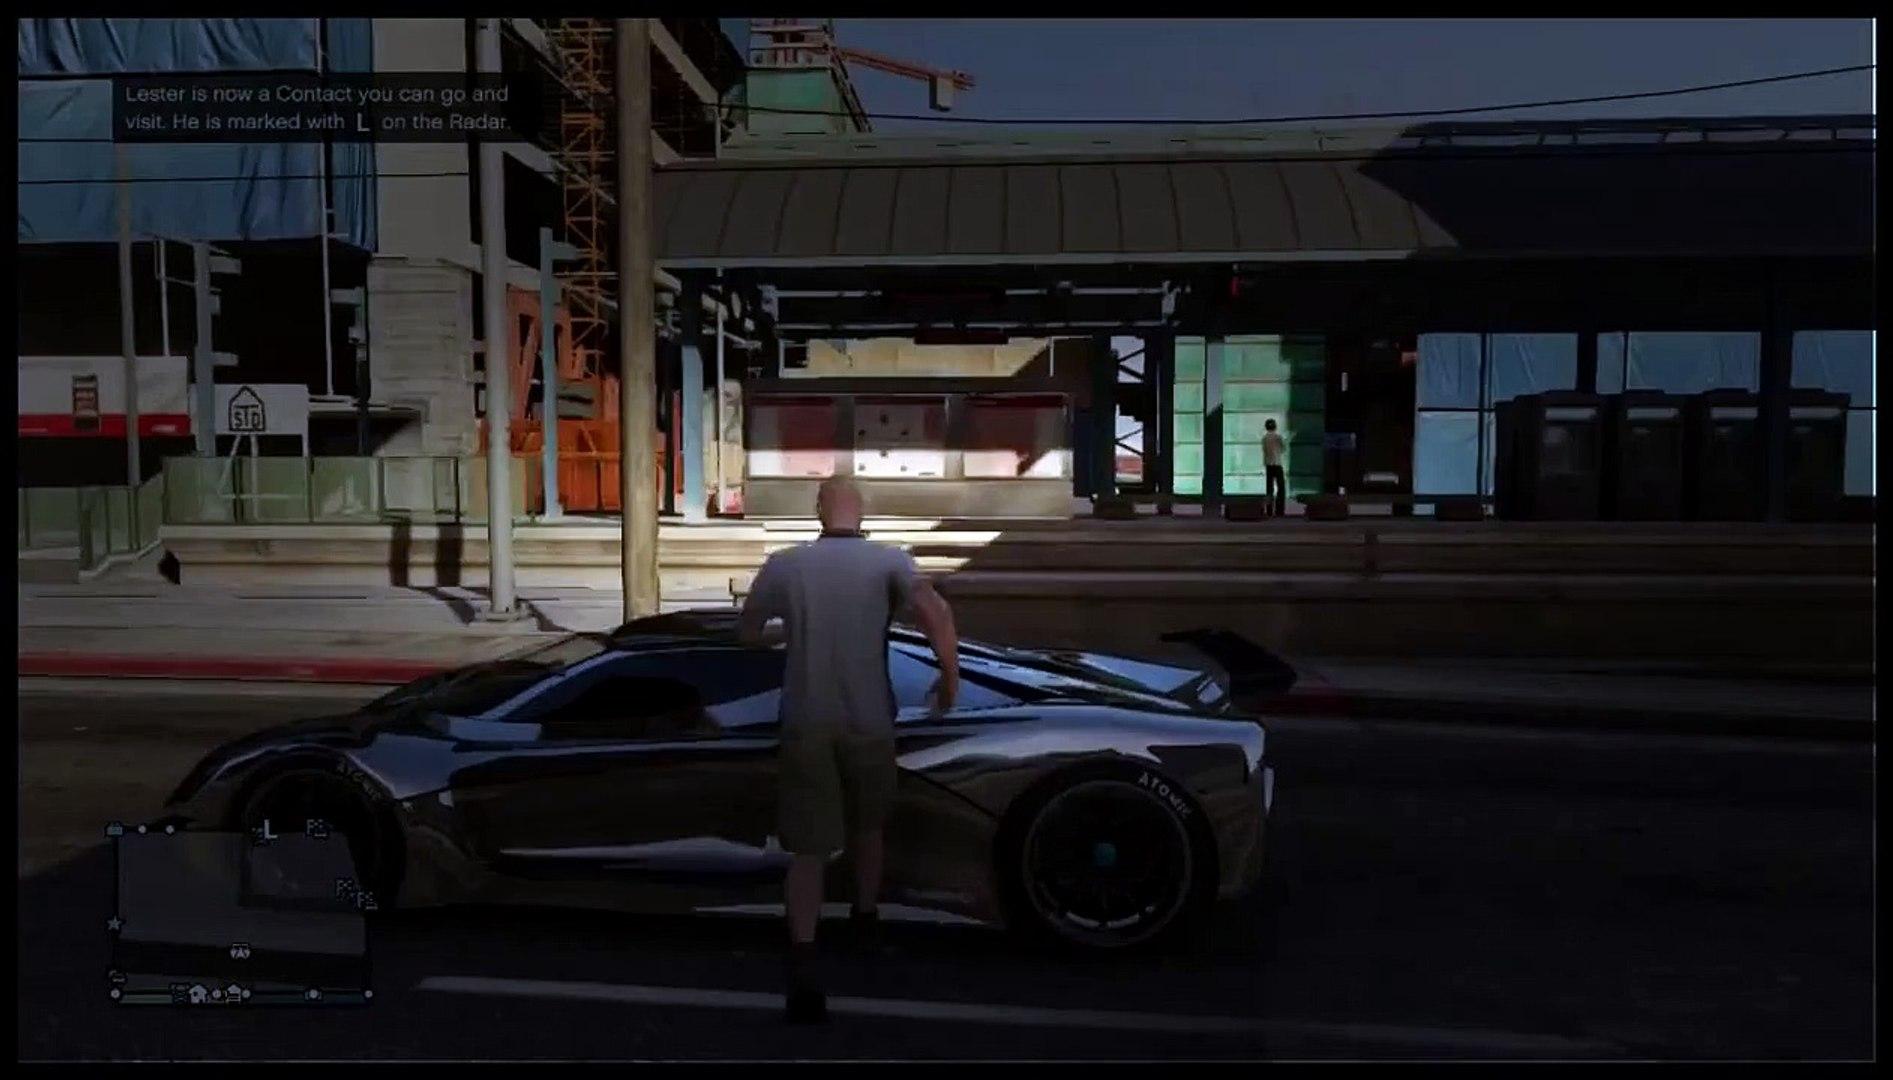 GTA 5 Glitches - Car Duplication Glitch in GTA 5 Online! (GTA 5 Glitches)